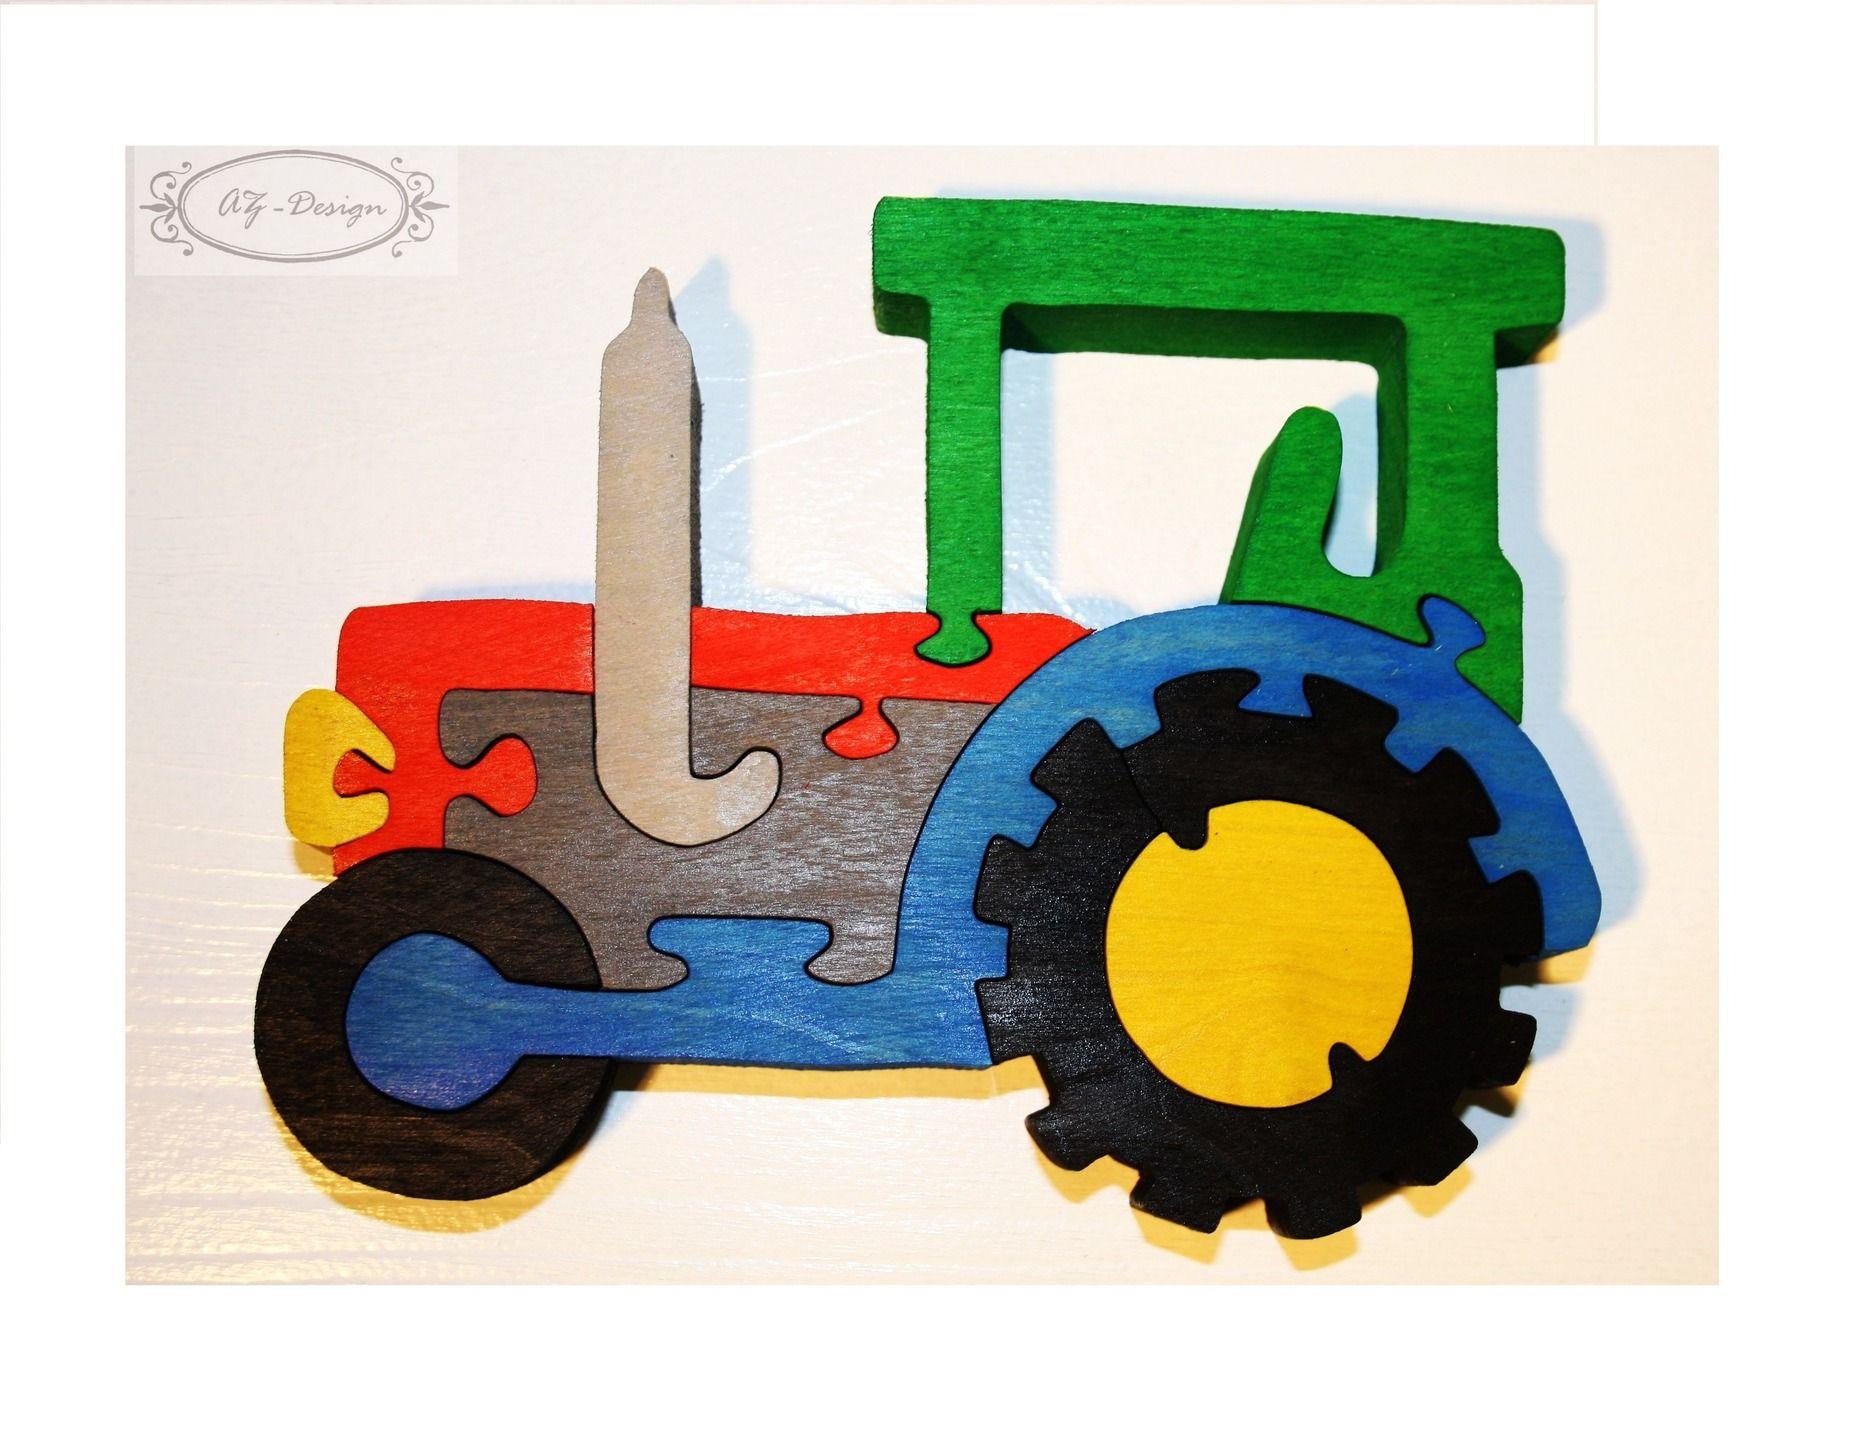 Puzzle En Bois, Tracteur, Voiture, Ferme, Village, Jouet avec Jeux Gratuit Tracteur A La Ferme